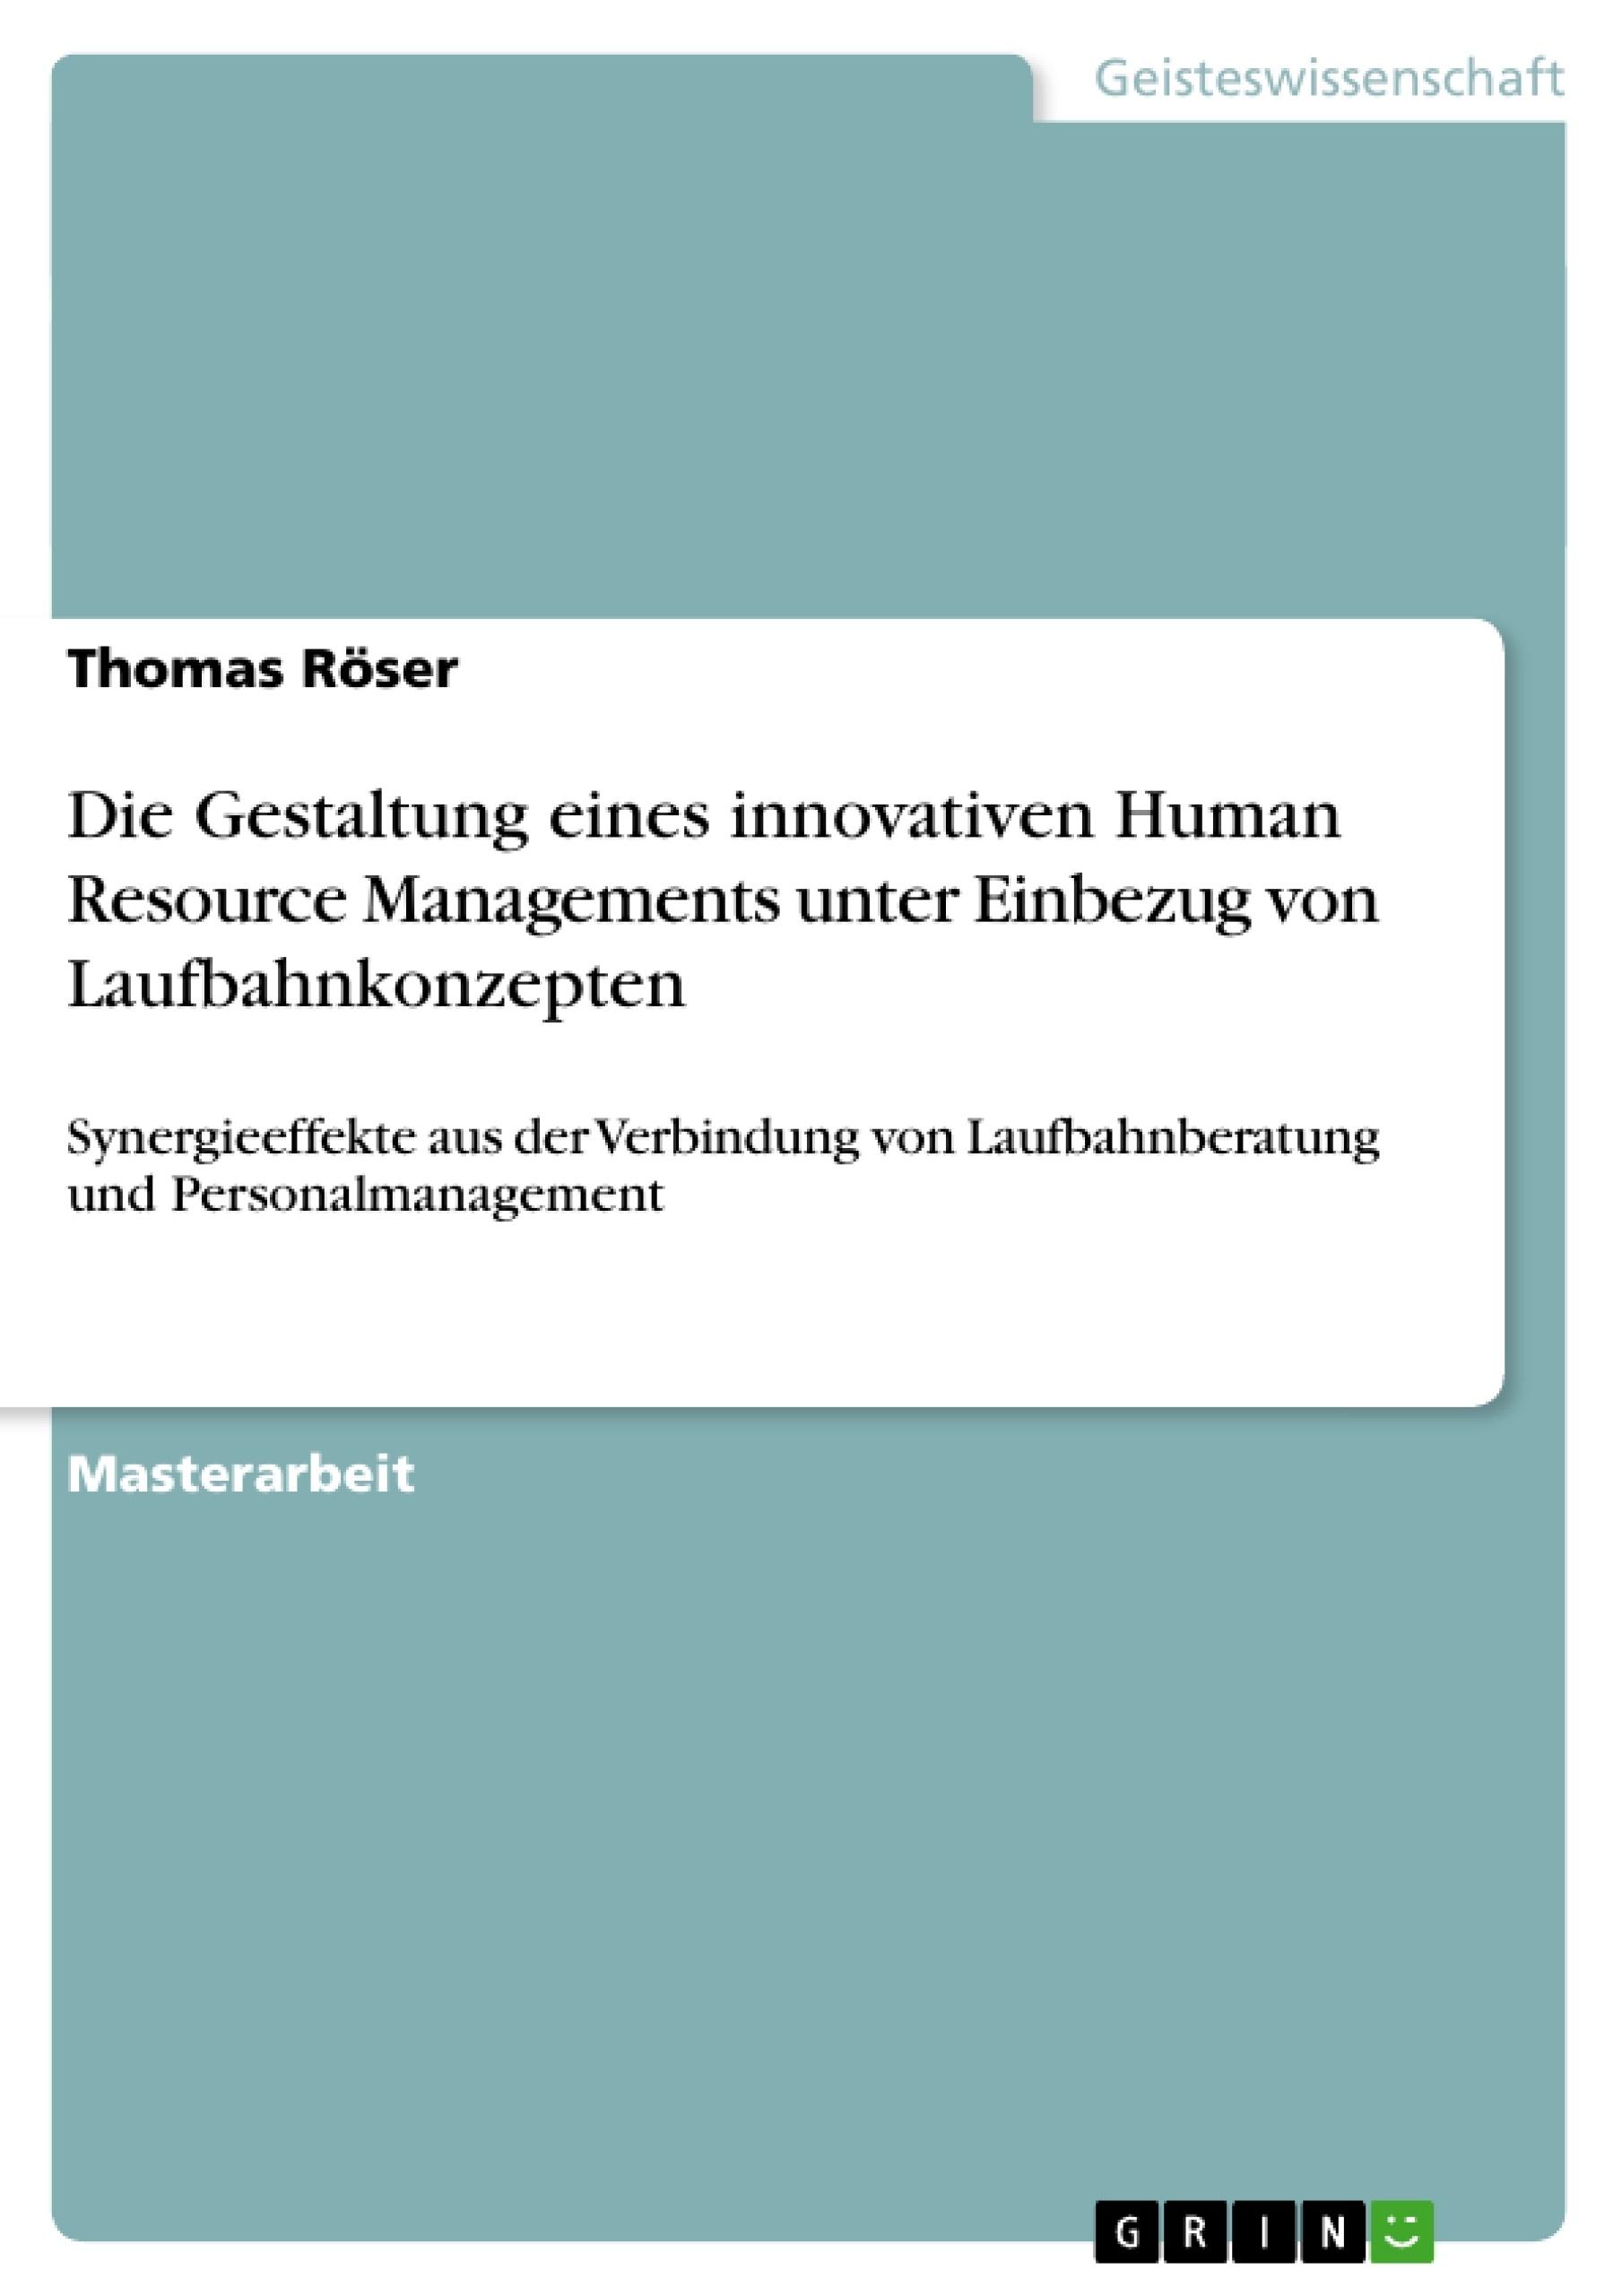 Titel: Die Gestaltung eines innovativen Human Resource Managements unter Einbezug von Laufbahnkonzepten